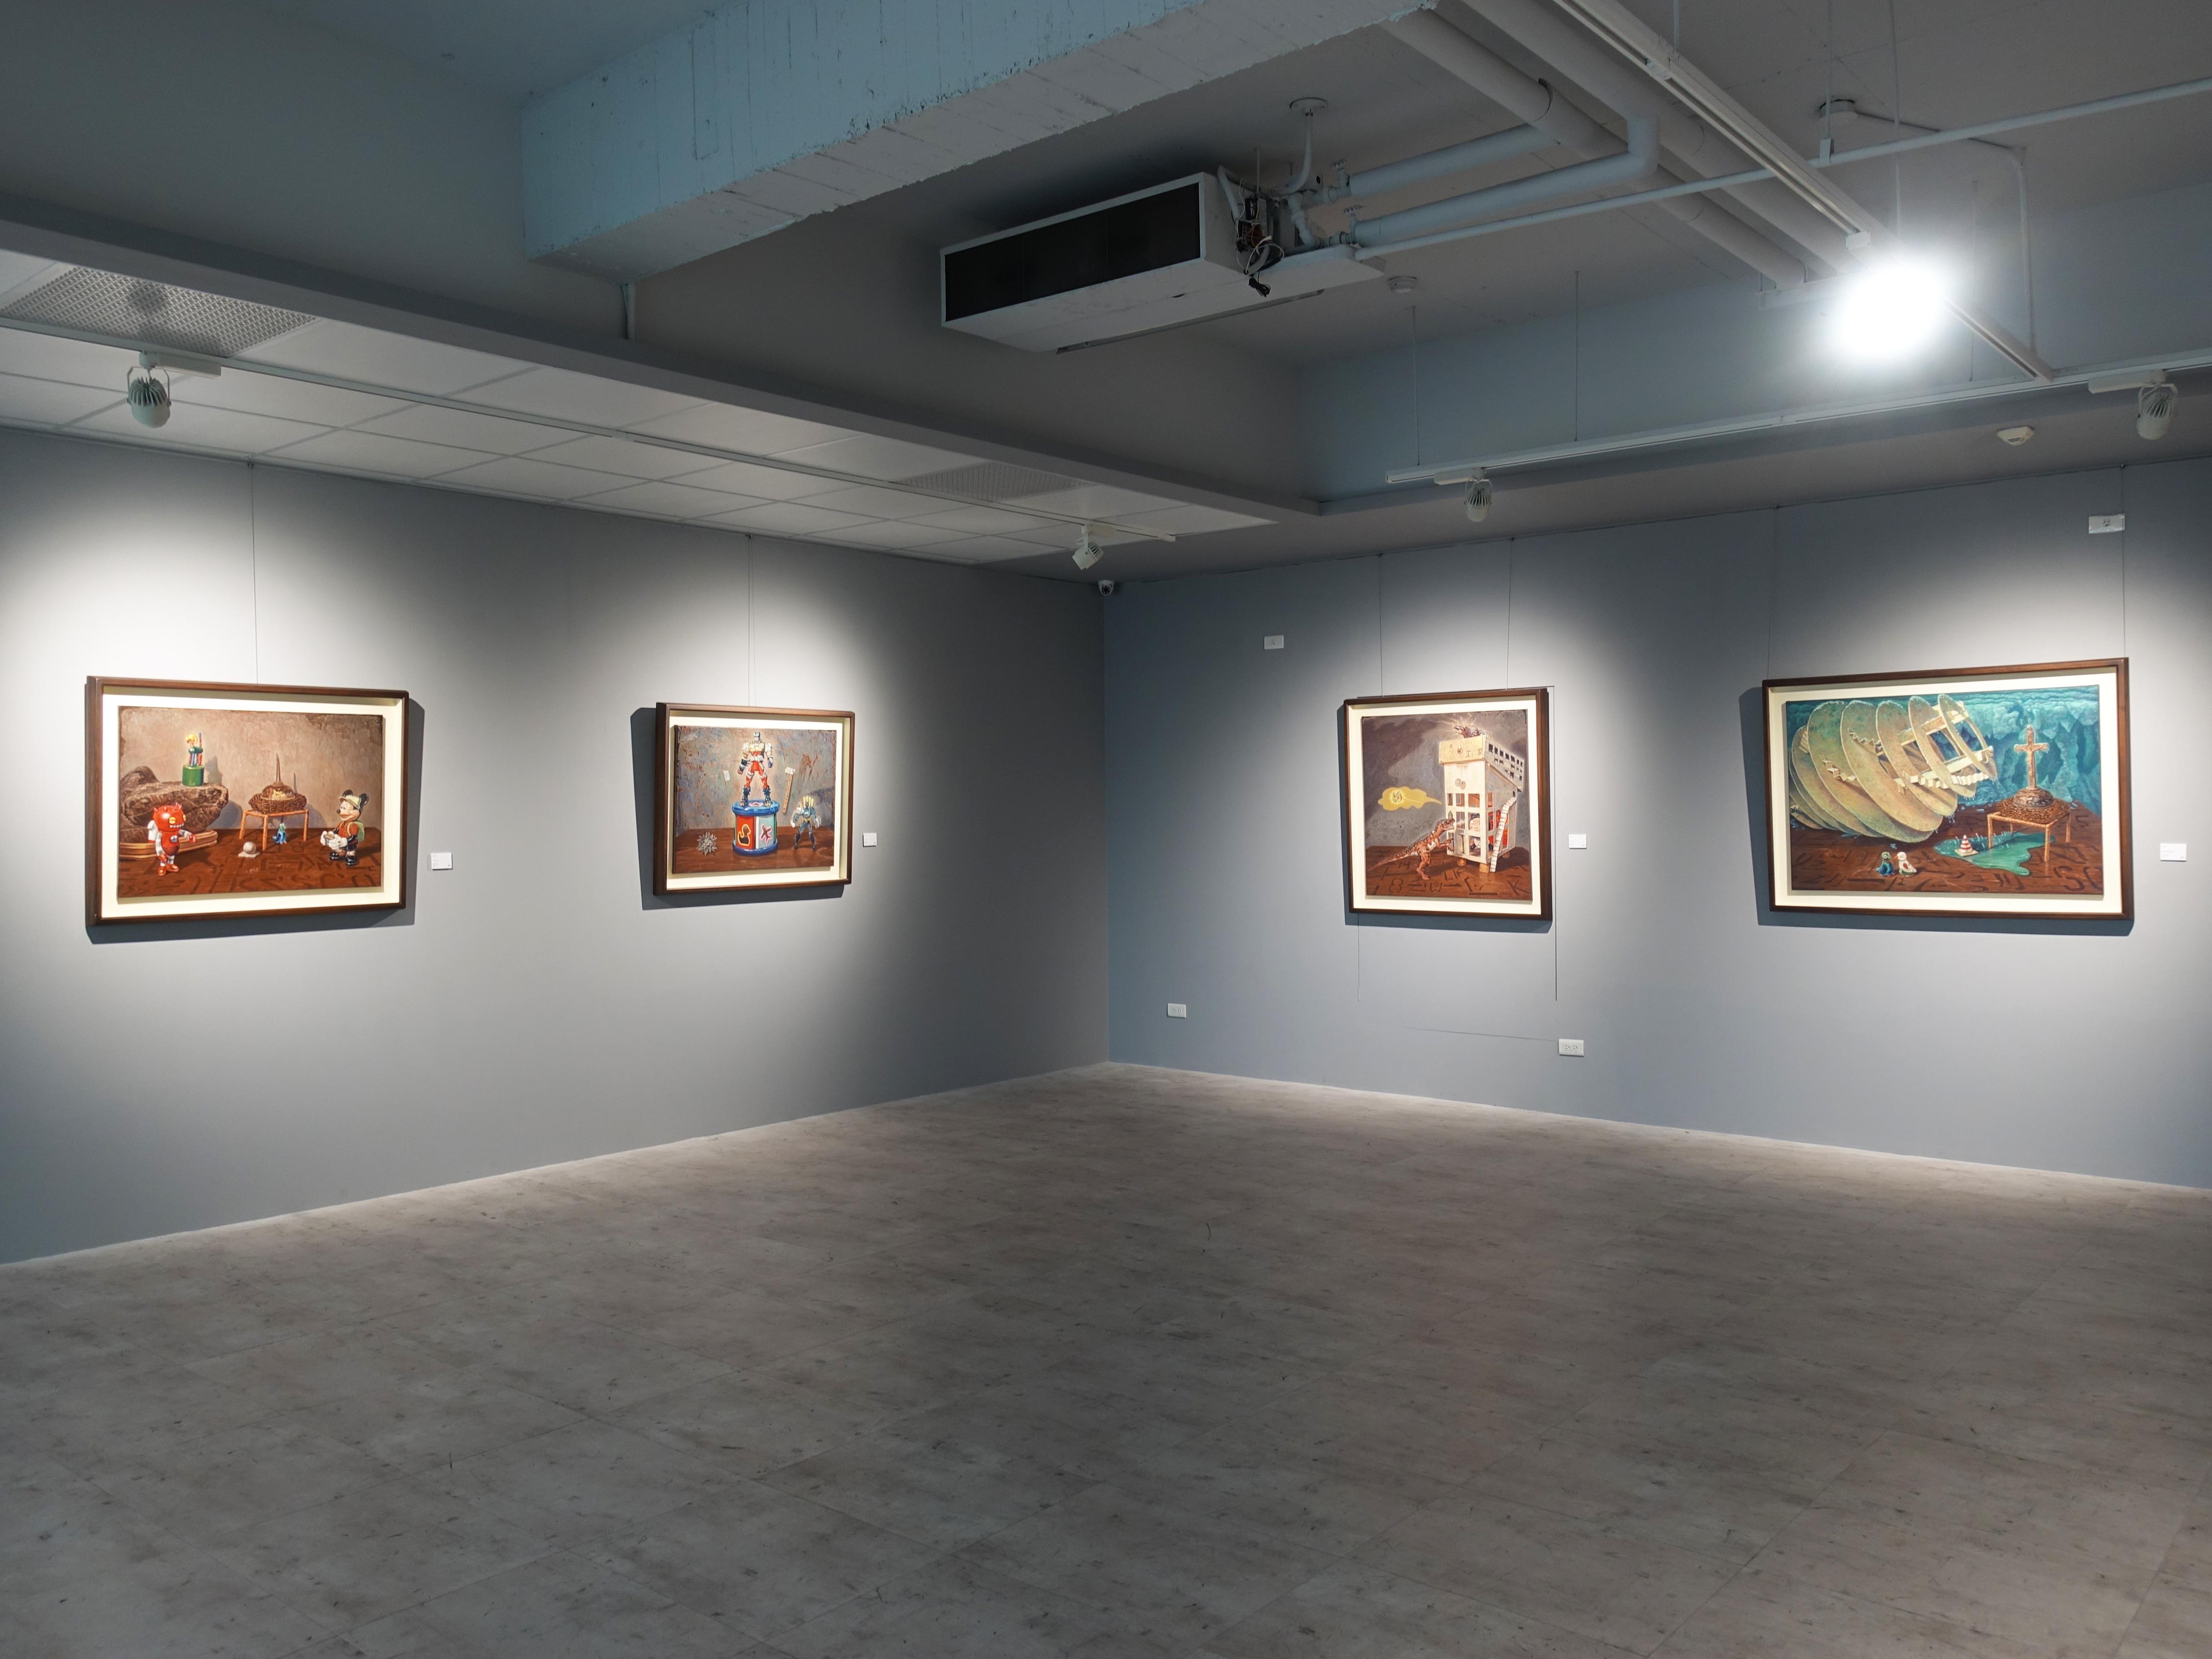 宛儒畫廊展出連建興、陶文岳、郭彥甫、謝宛儒四人聯展《藝避所》。